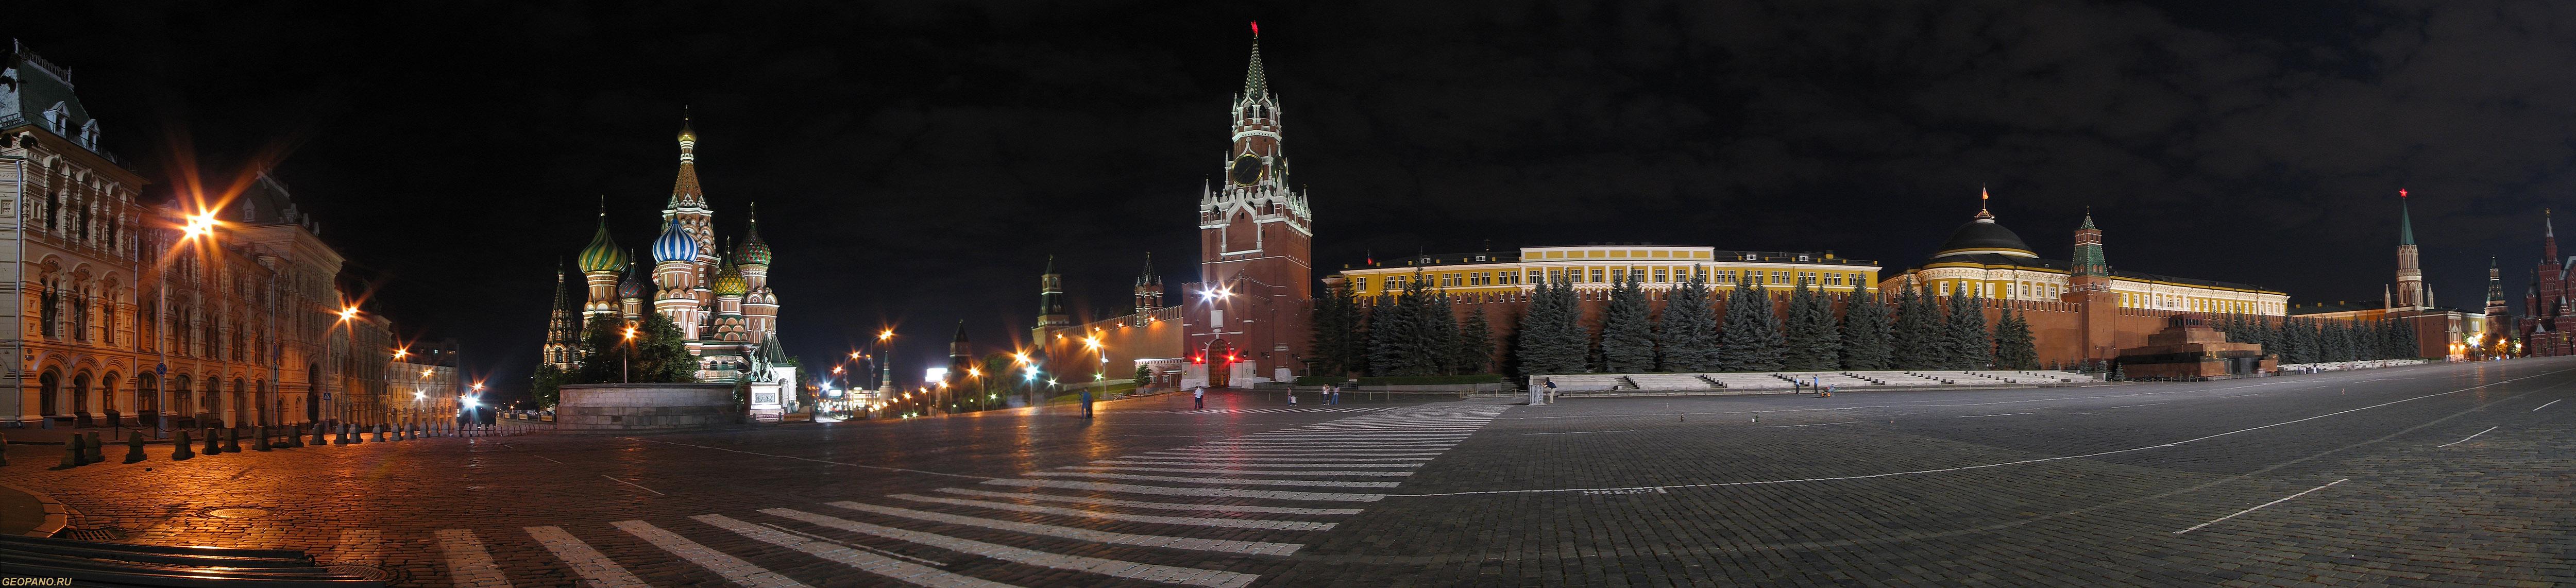 Geopano.ru - панорамы :: Просмотр панорамы ...